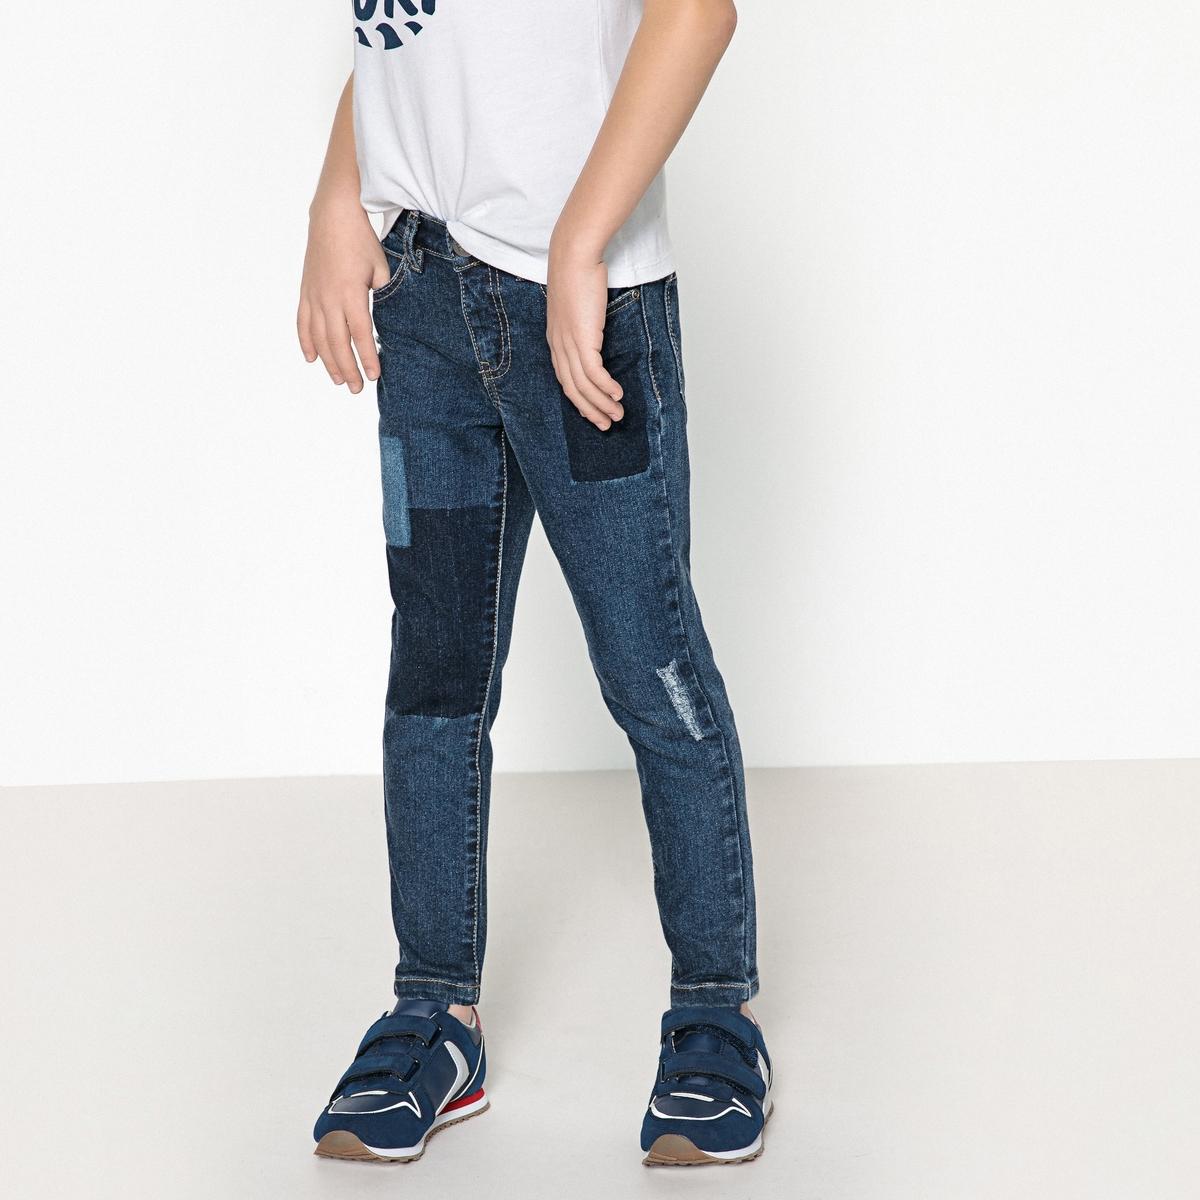 Джинсы узкие с вытертым эффектом, 3-12 лет джинсы бойфренд 3 14 лет